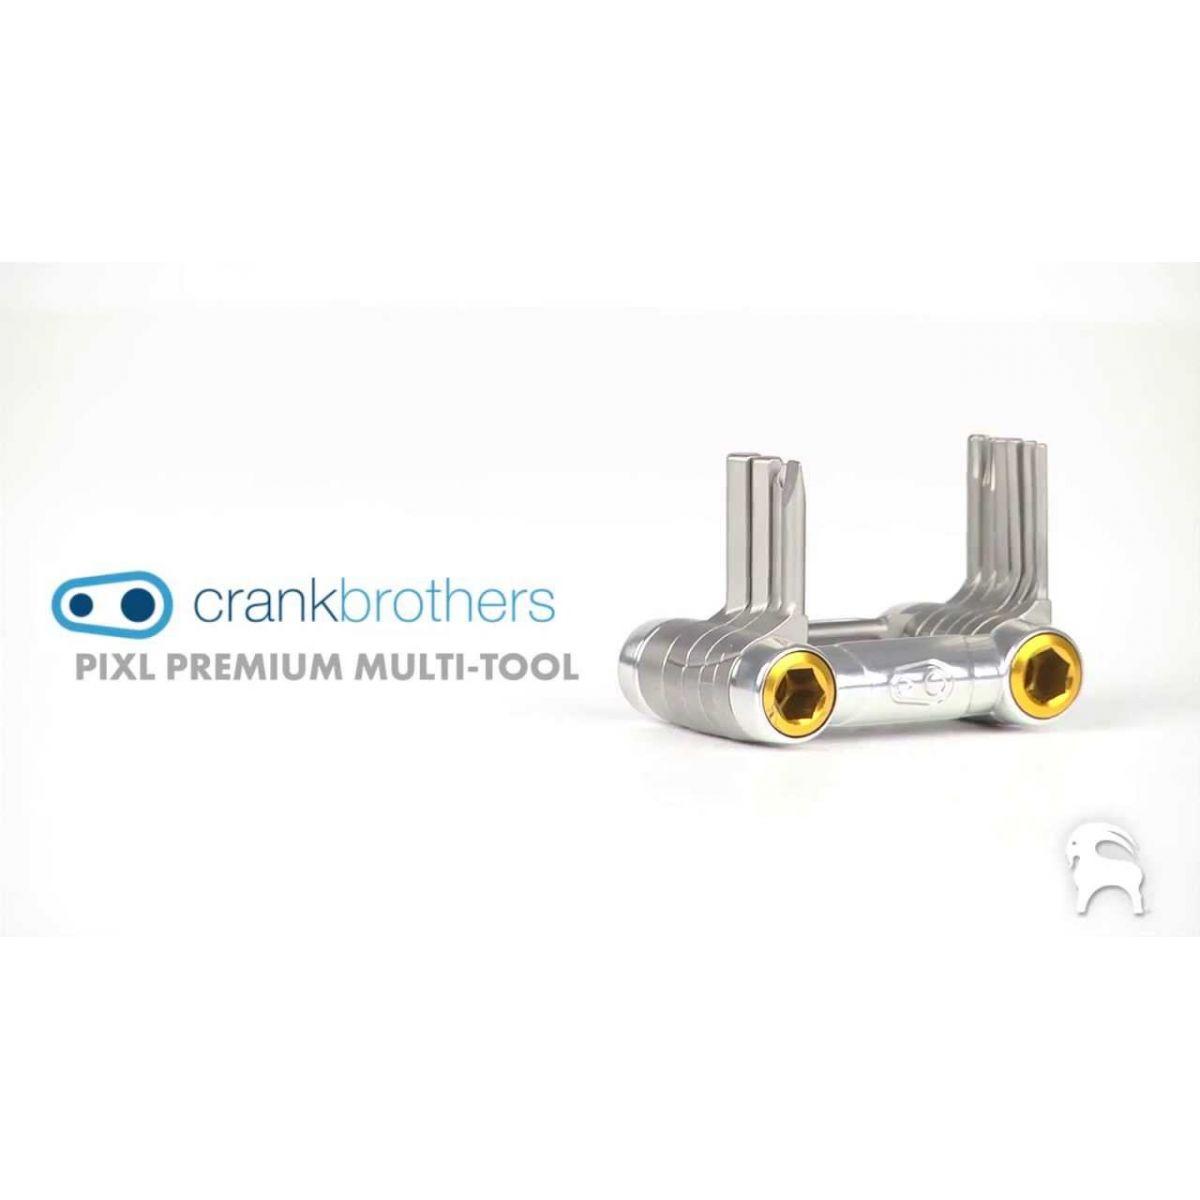 Canivete de Ferramentas Crank Brothers Premiun pixl 11 Funções  - IBIKES